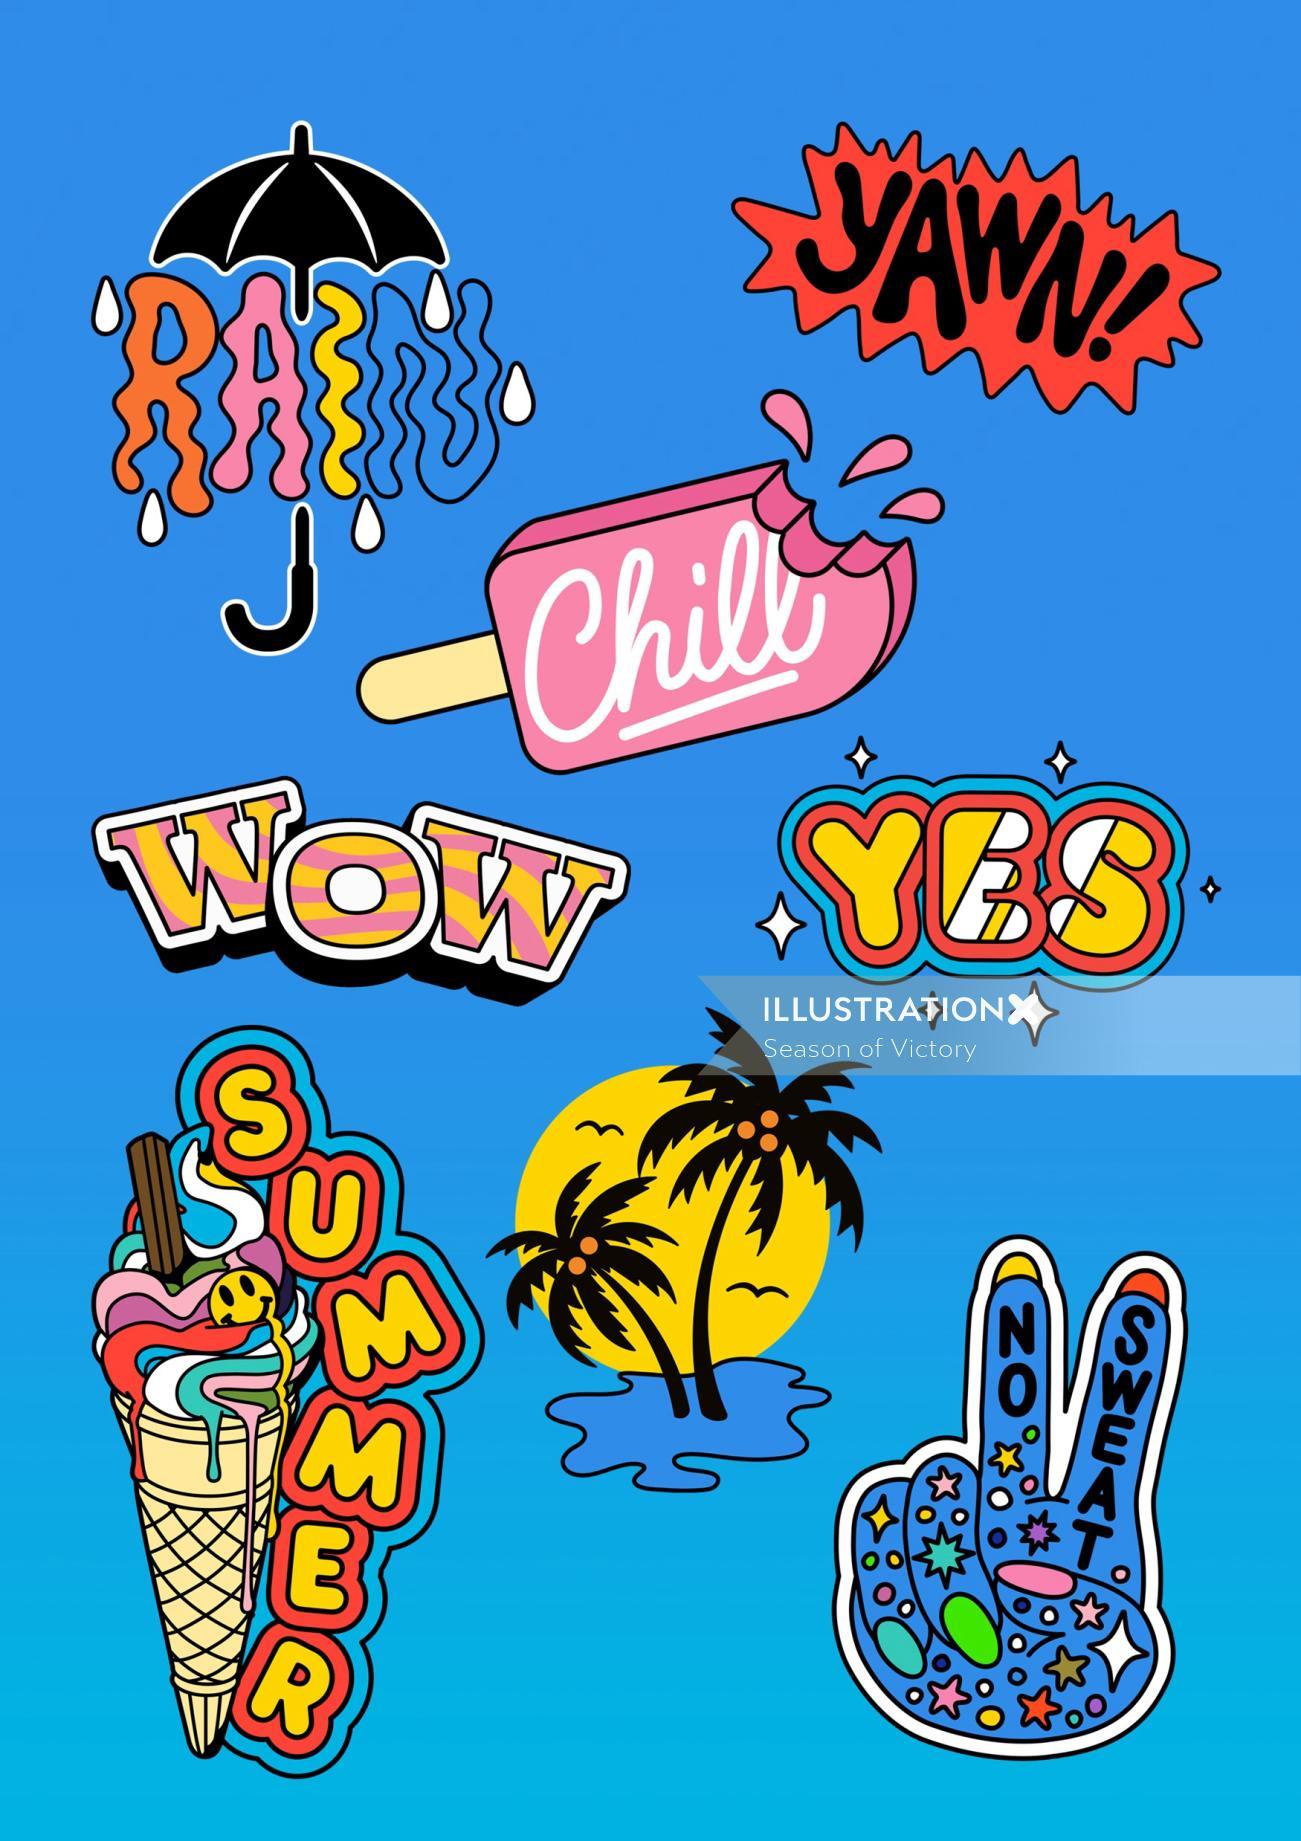 giphy, gif, gifs, animated gifs, social media, animated stickers, giphy stickers, gif stickers, anim